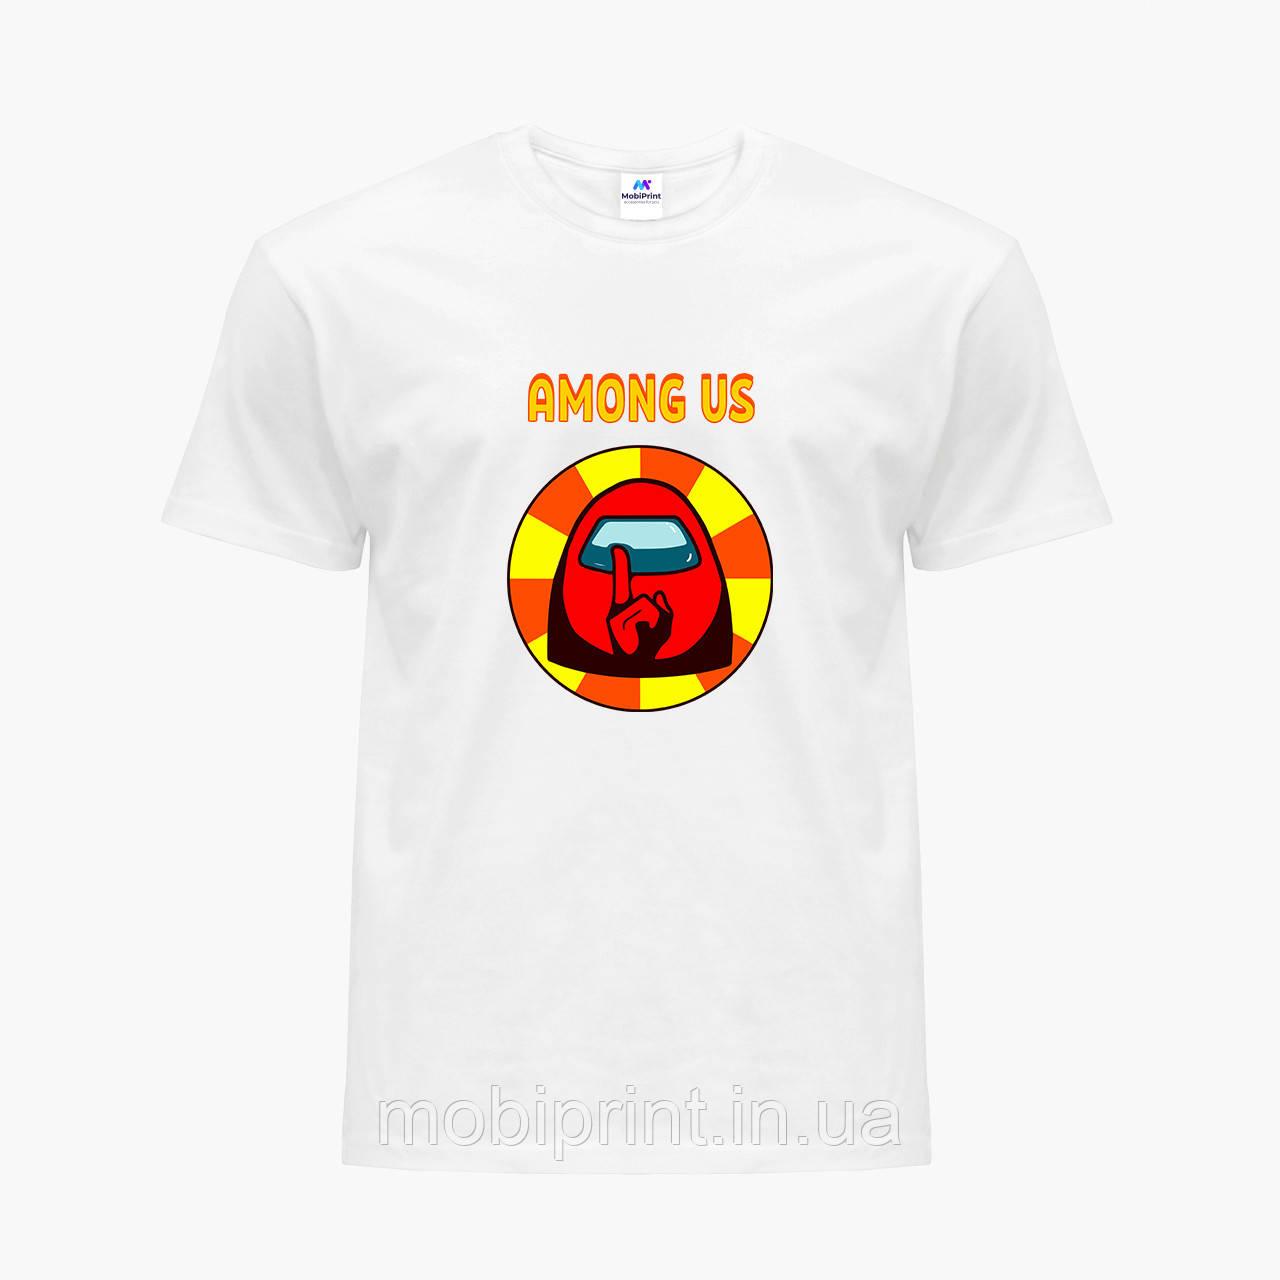 Футболка дитяча Амонг Червоний Ас (Among Us Red) Білий (9224-2412)